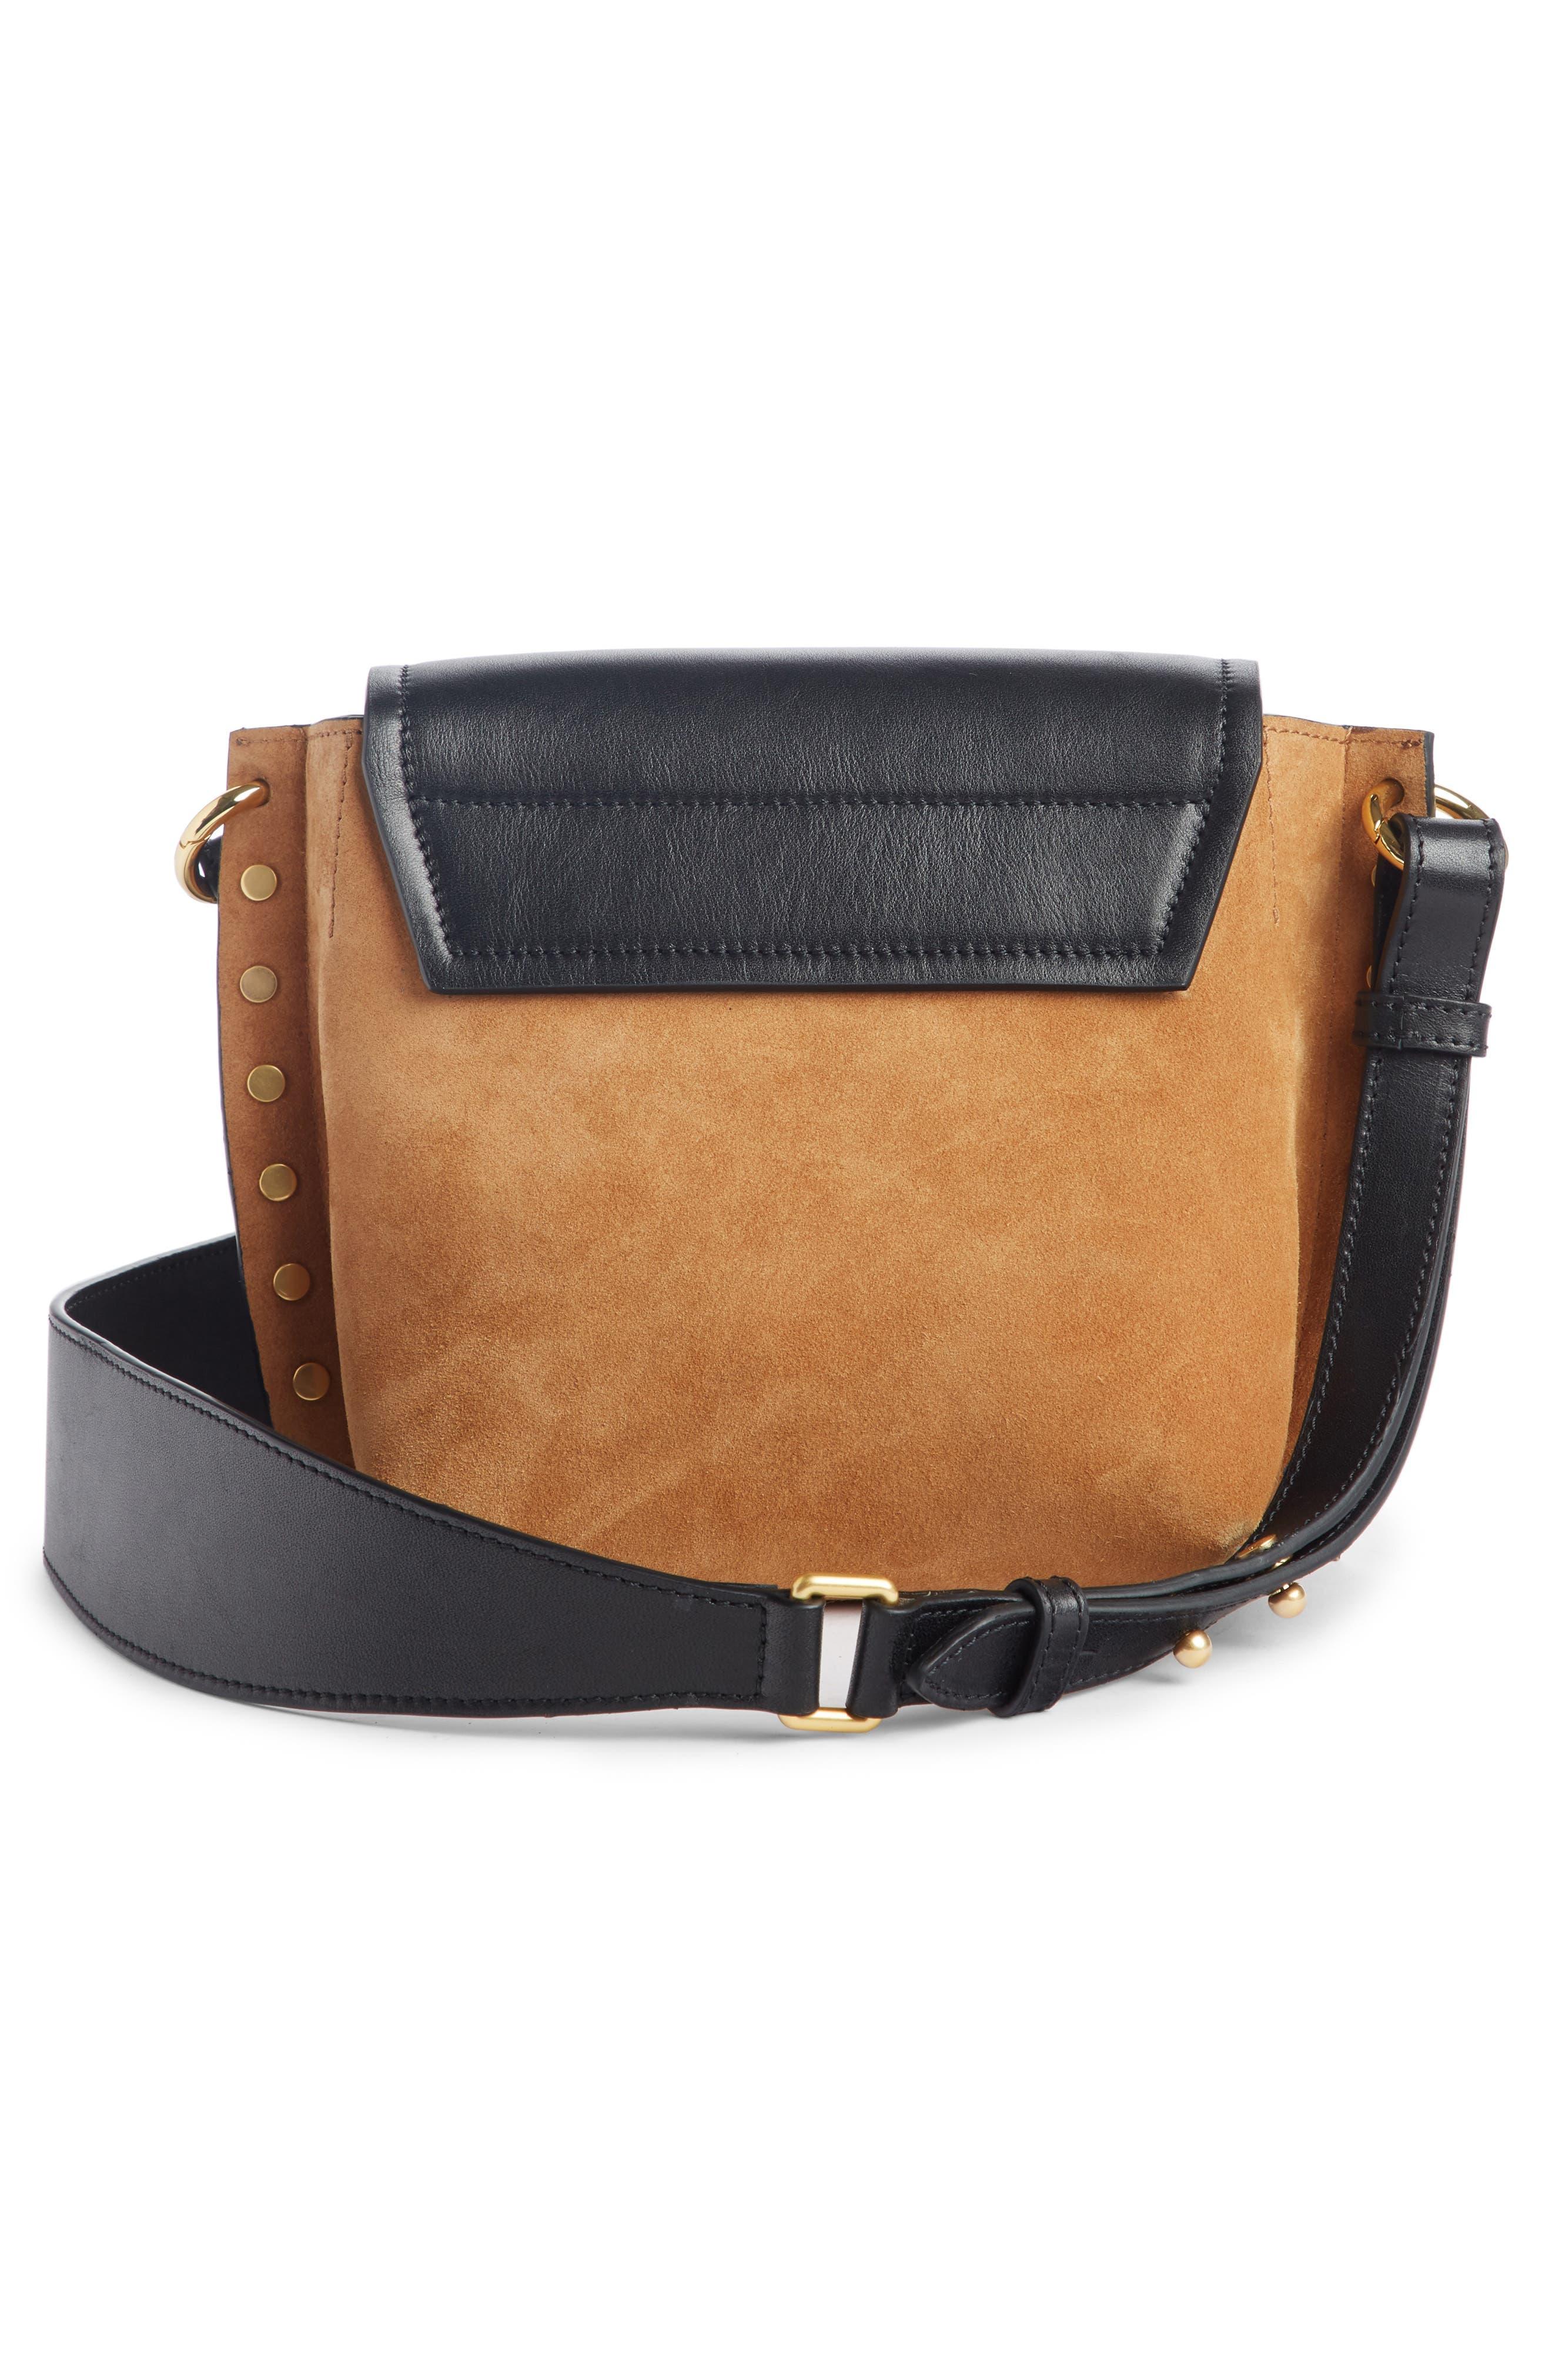 Kleny Colorblock Leather & Suede Shoulder Bag,                             Alternate thumbnail 2, color,                             CAMEL